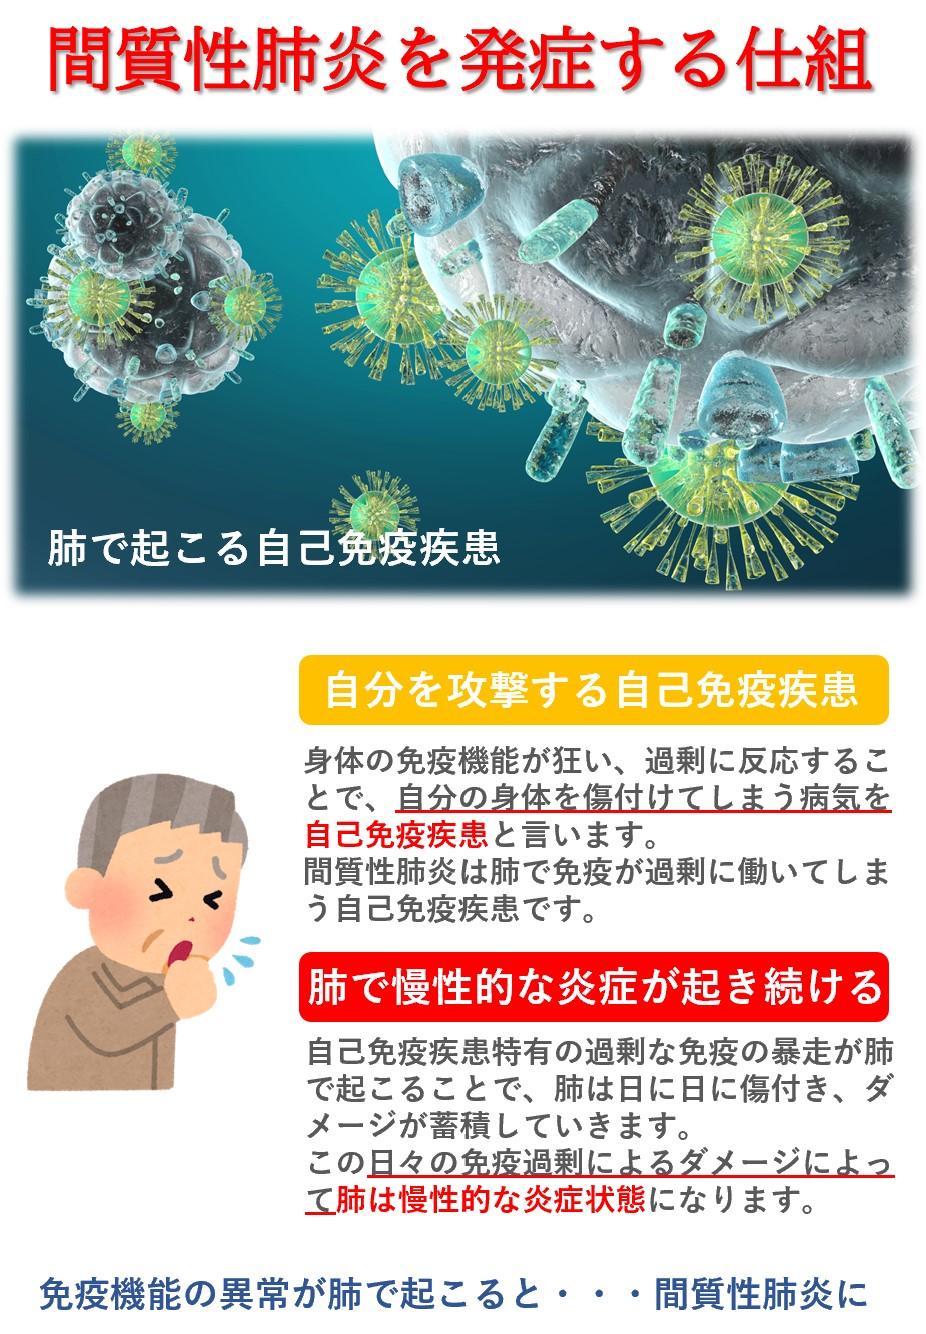 間質性肺炎は免疫機能が暴走する自己免疫疾患で肺の間質で慢性炎症が起こり酸素の吸収率が低下する病です